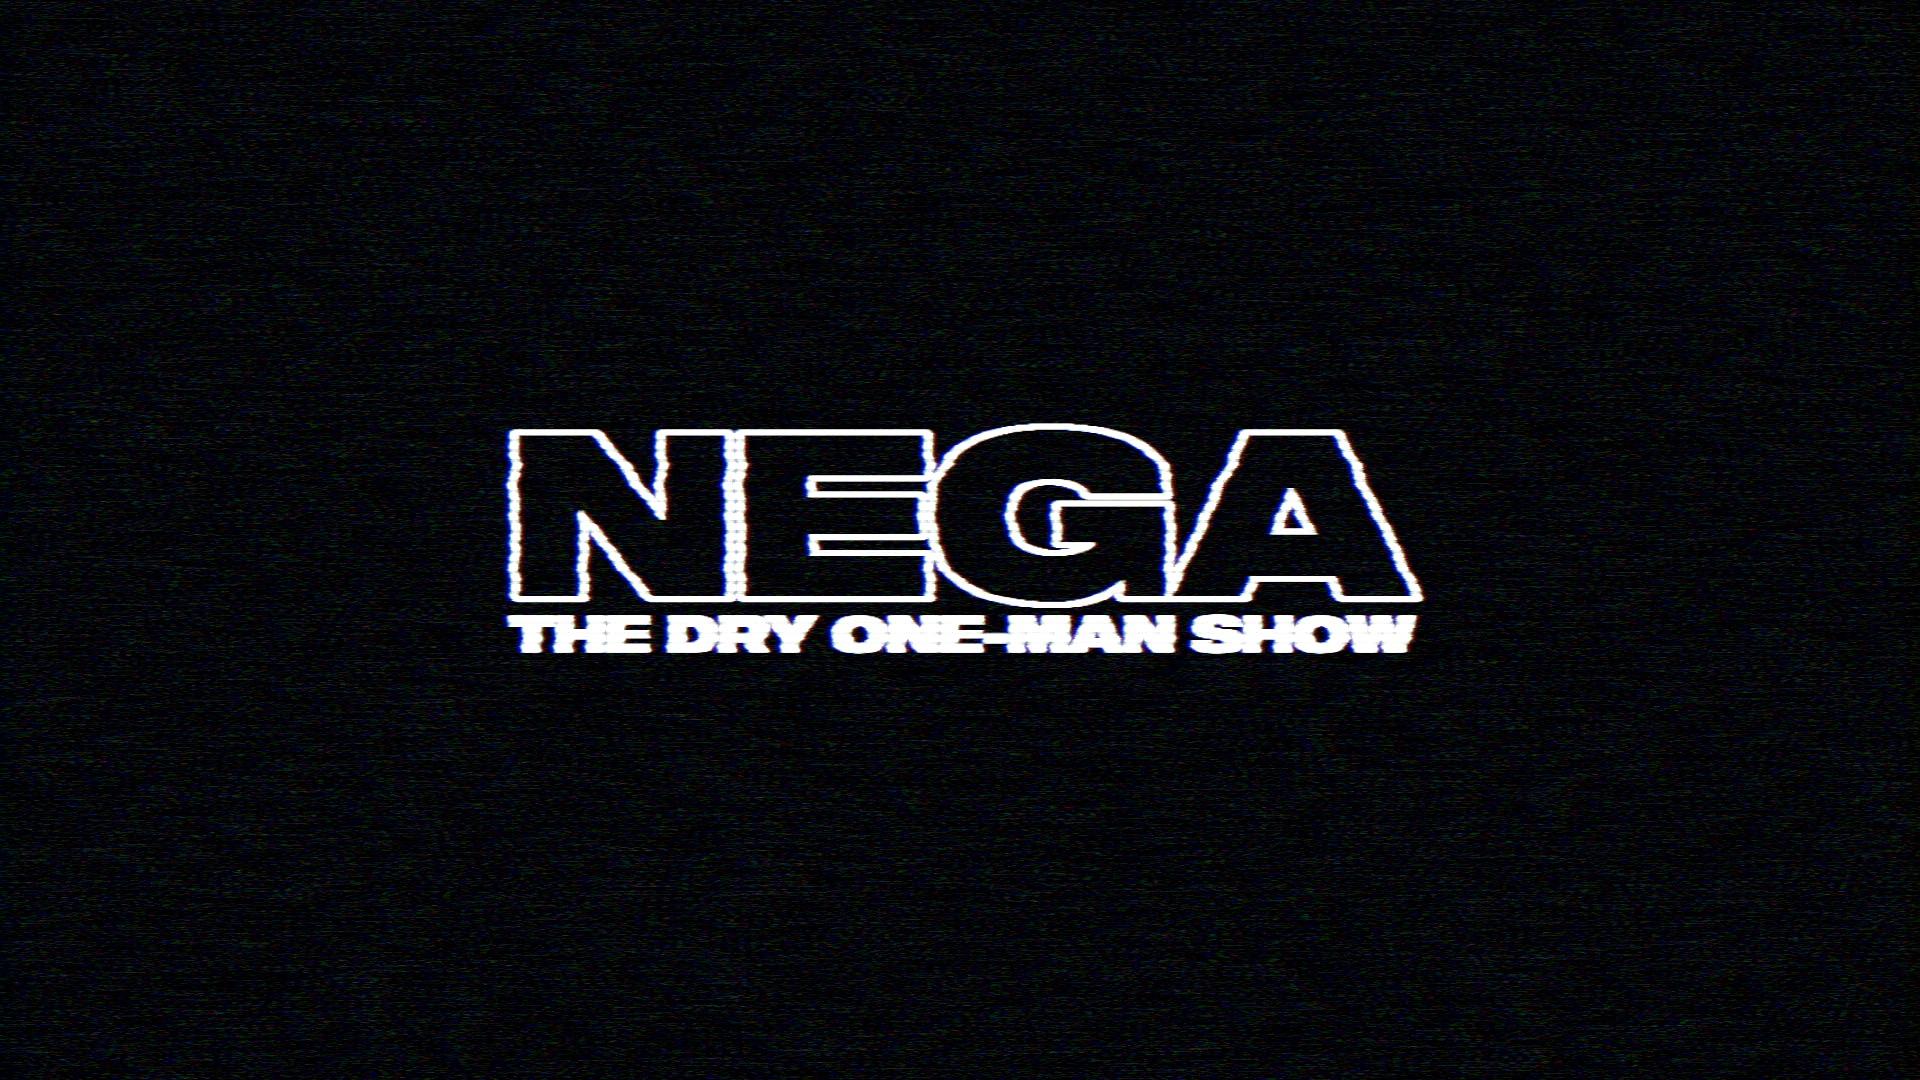 """THE DRY ONE-MAN SHOW """"NEGA"""""""